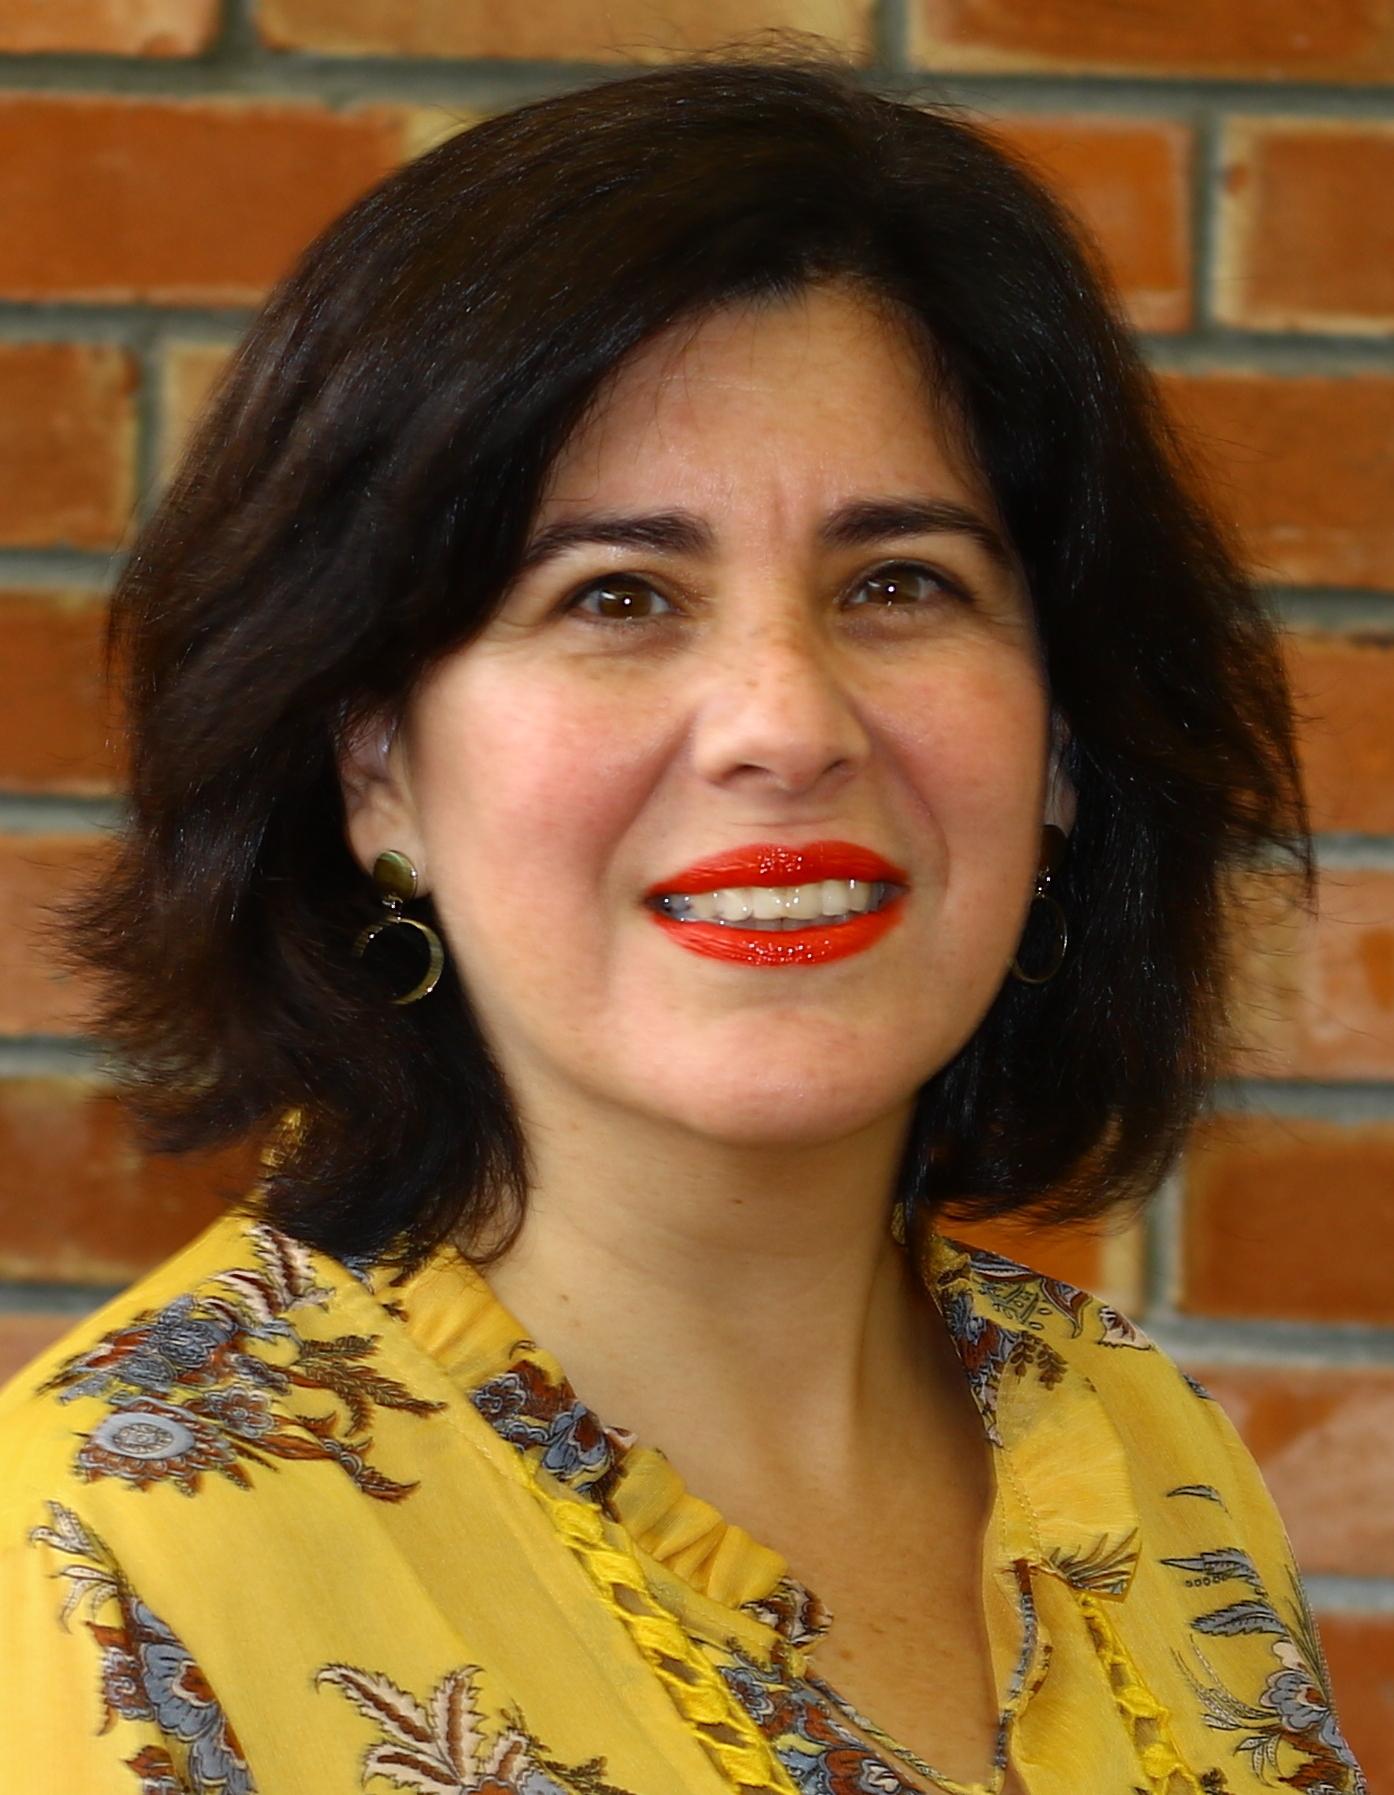 Mayte Ramos